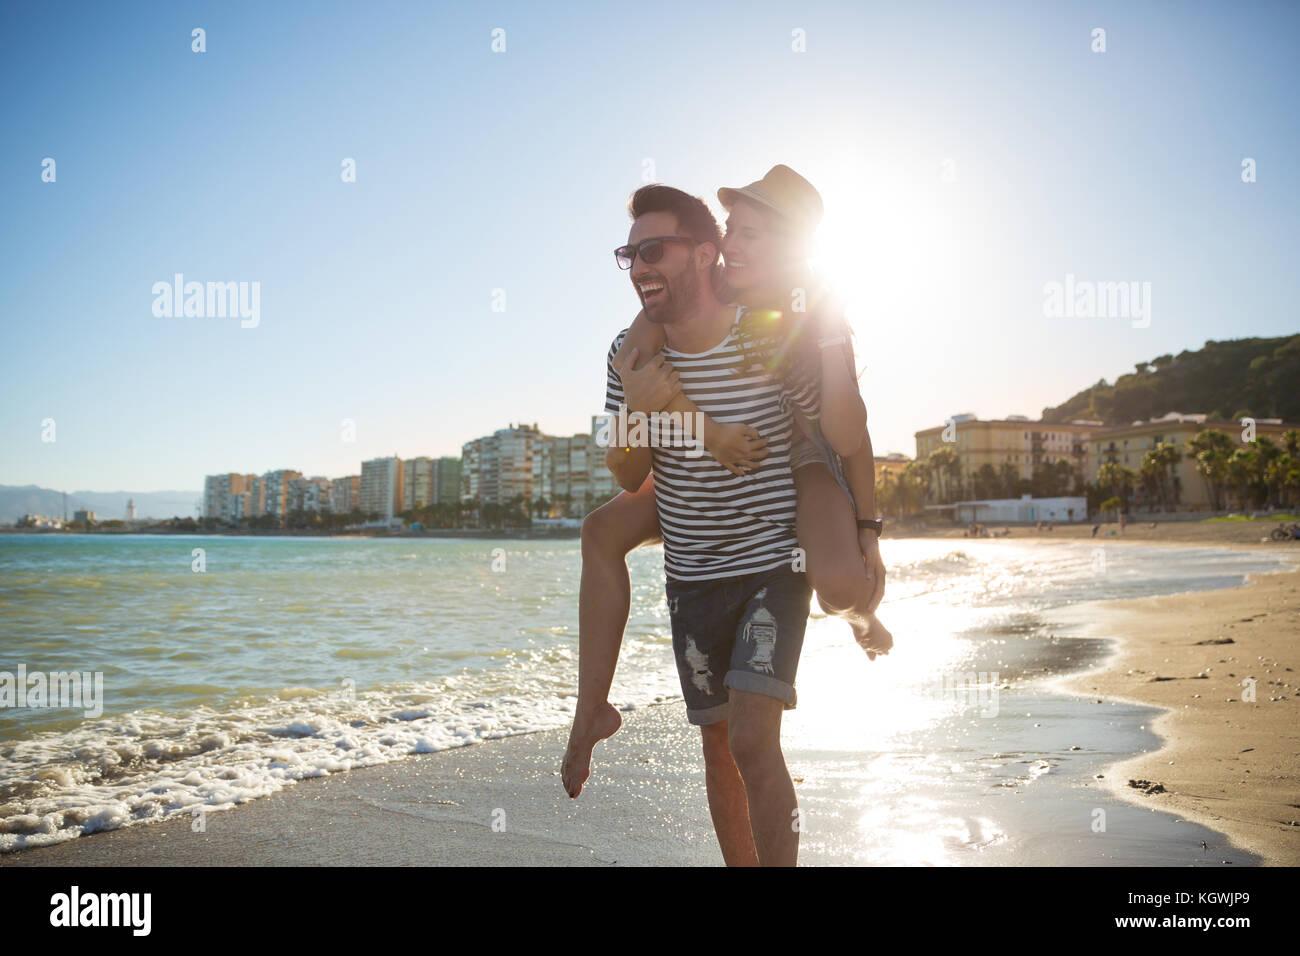 Portrait d'homme heureux de donner sa petite amie une piggyback en plein soleil sur la plage Photo Stock